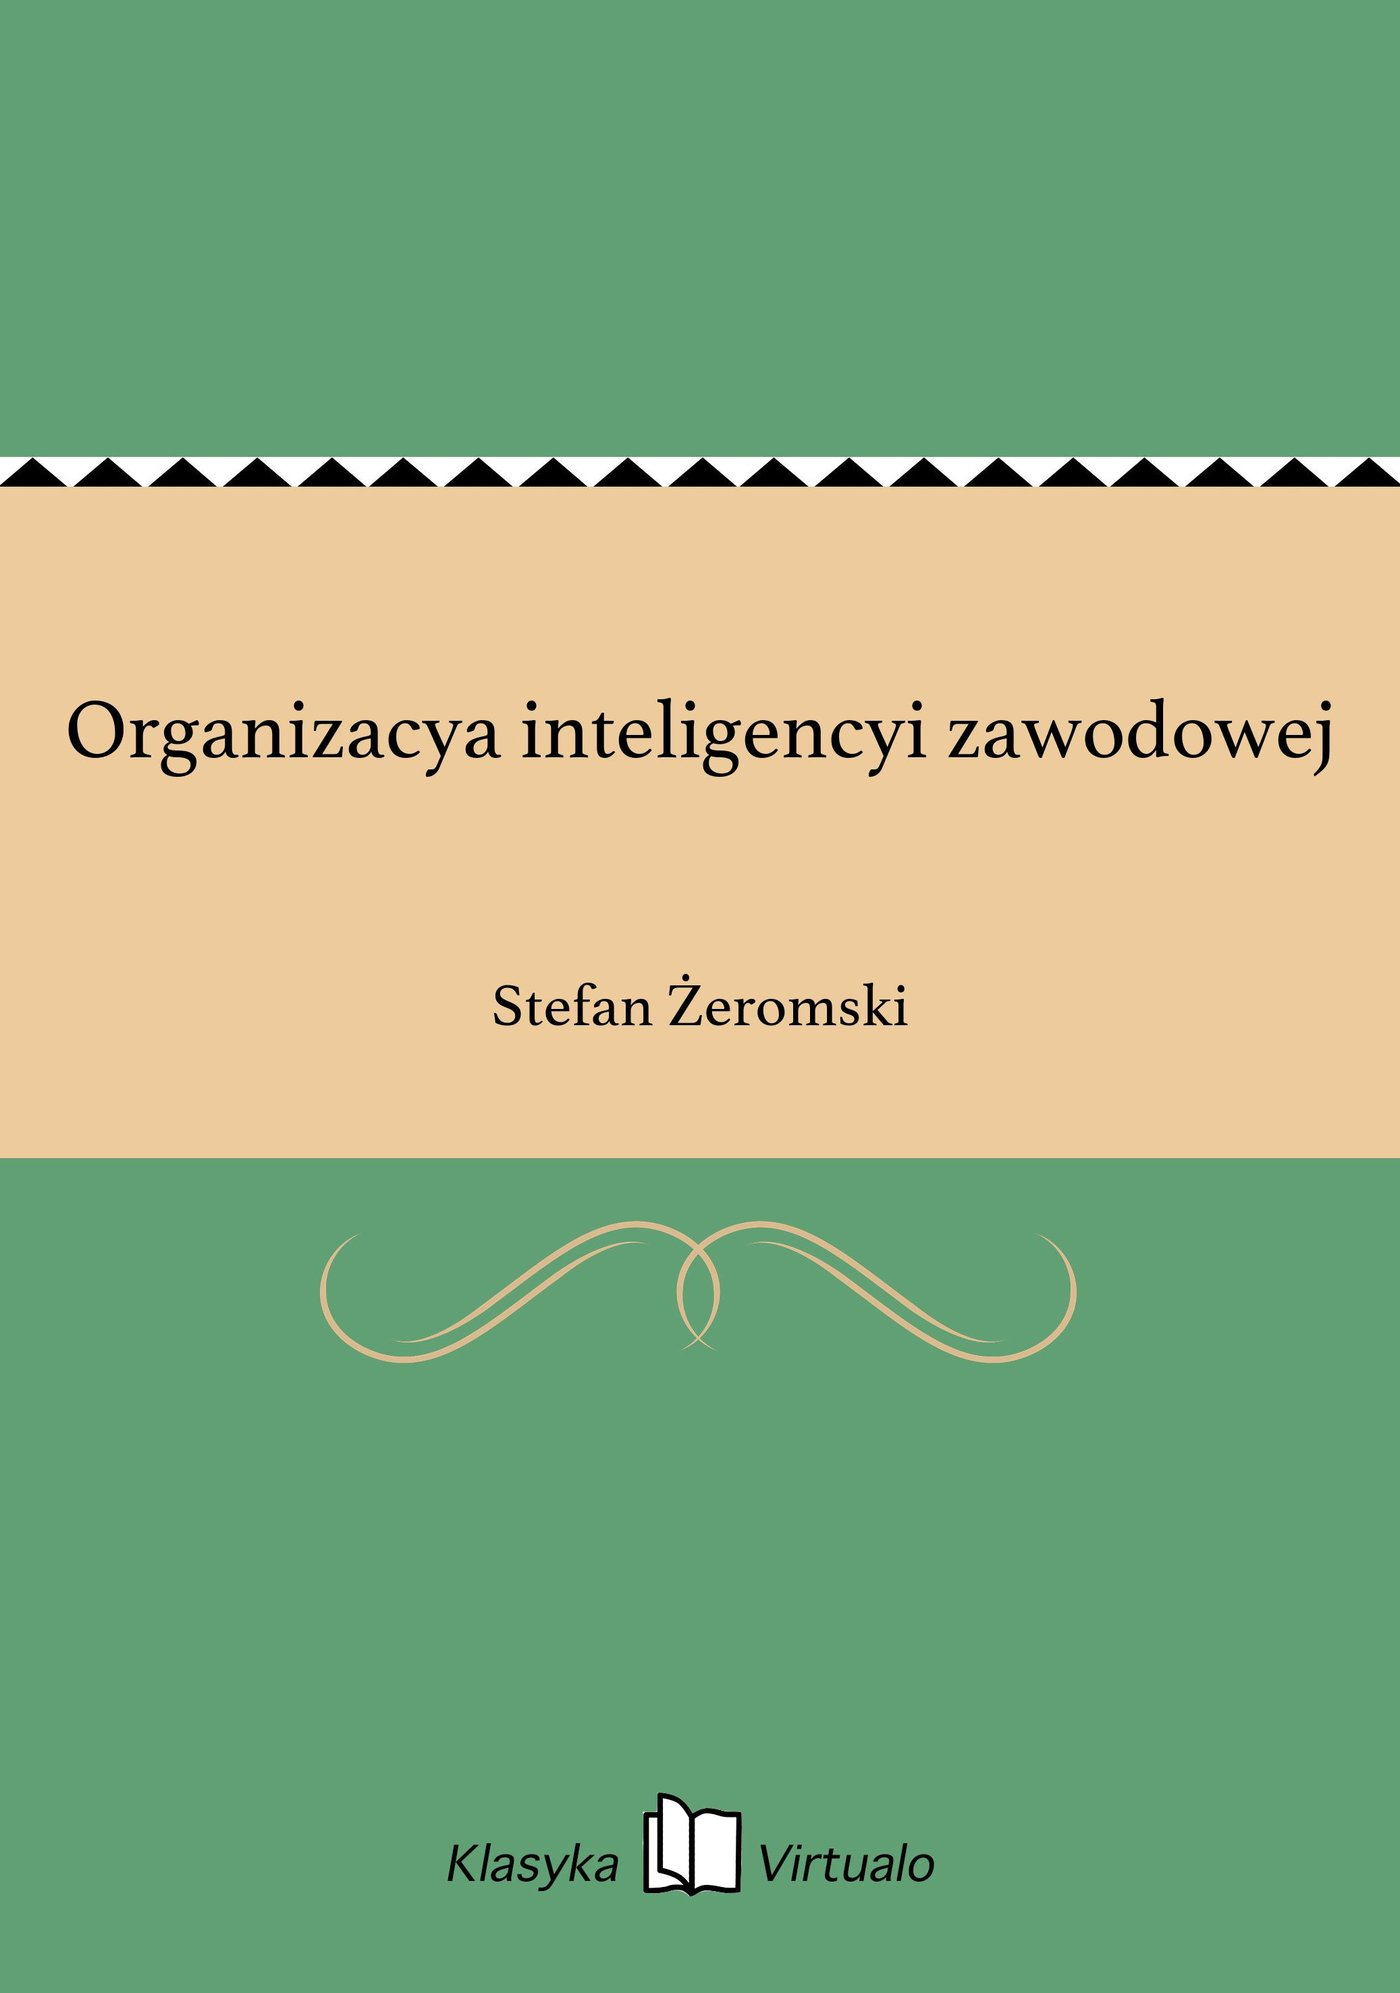 Organizacya inteligencyi zawodowej - Ebook (Książka EPUB) do pobrania w formacie EPUB